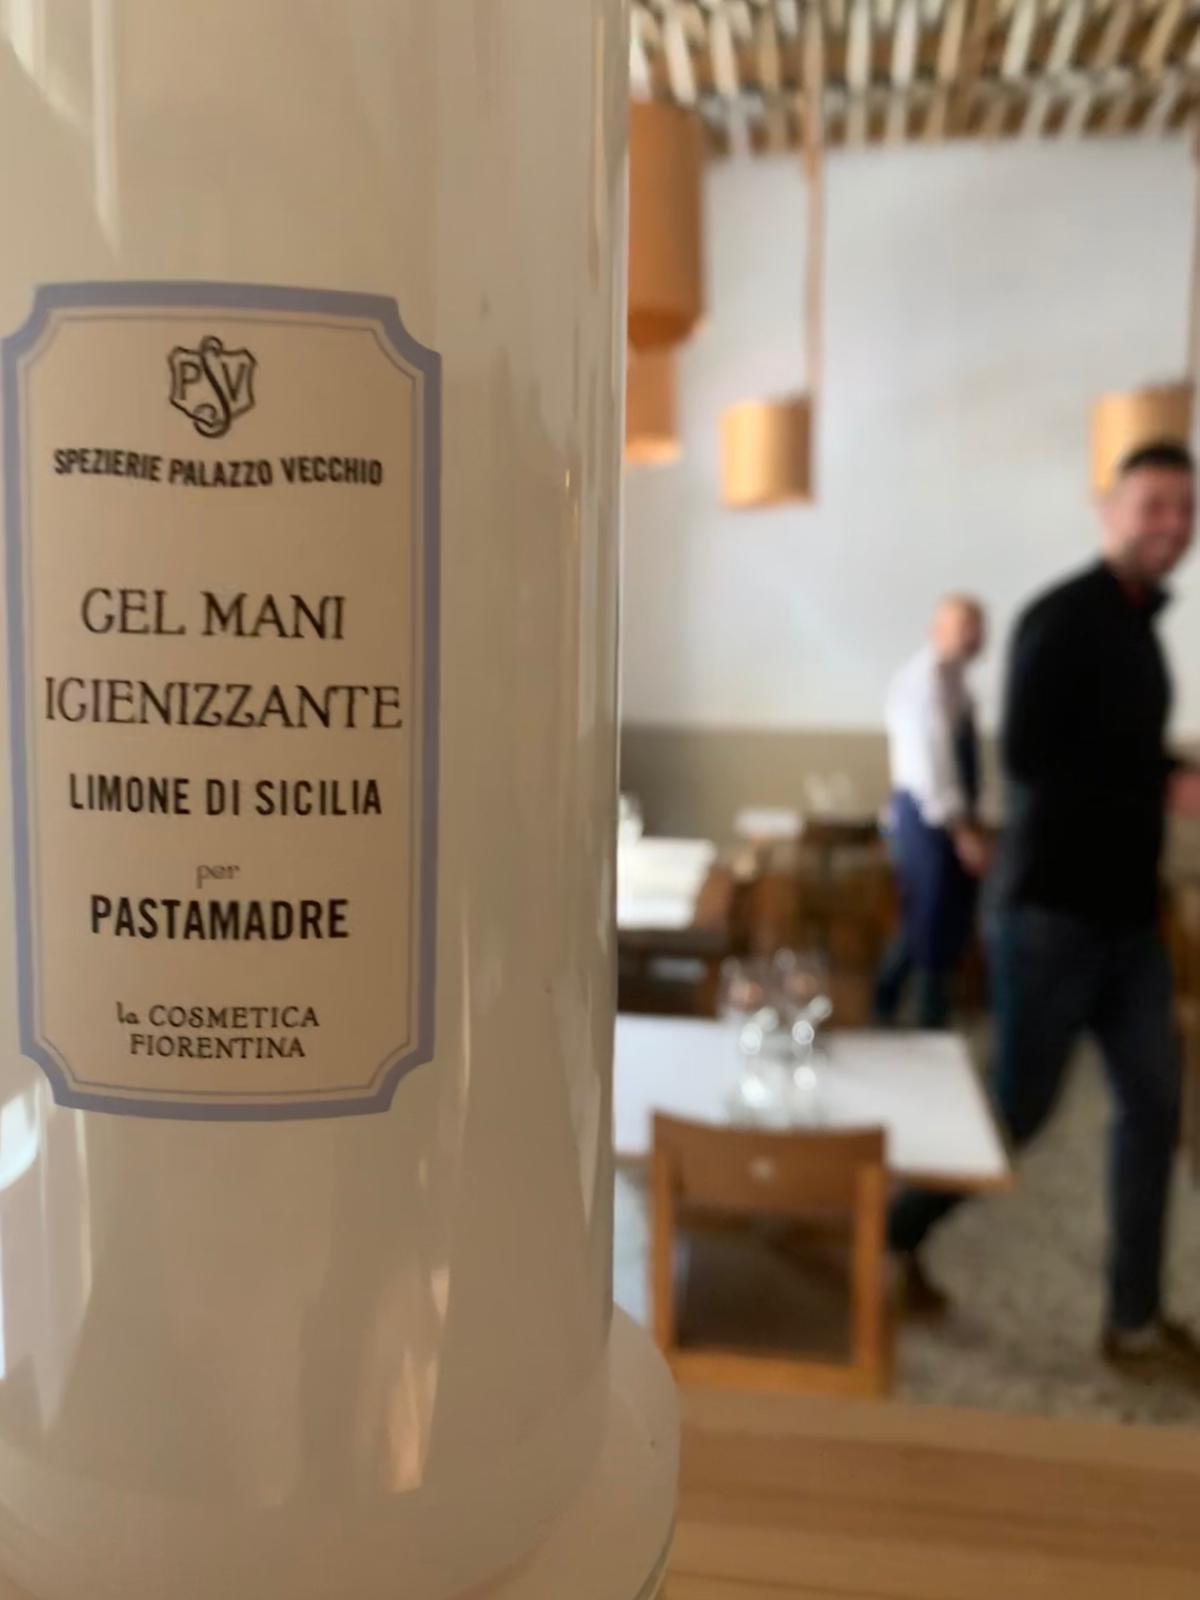 GEL IGIENIZZANTE LIMONE DI SICILIA-4929